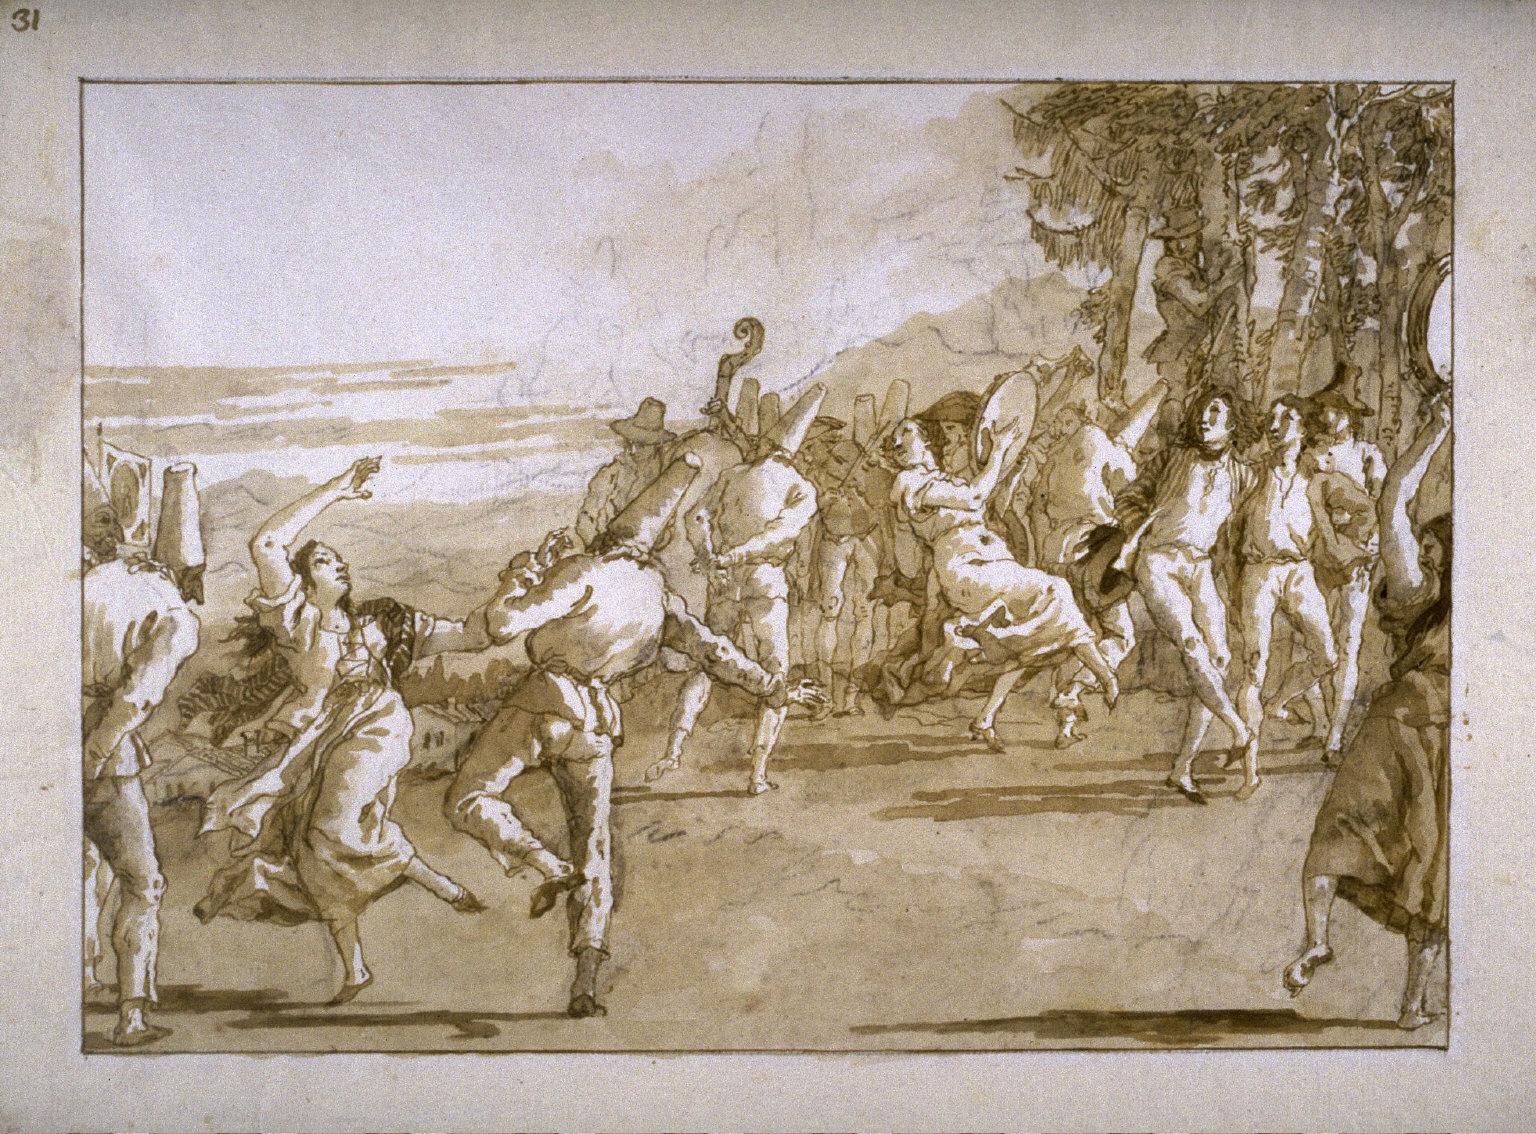 La Furlana, no. 31 from the series Divertimento per gli ragazzi (Entertainment for Children)